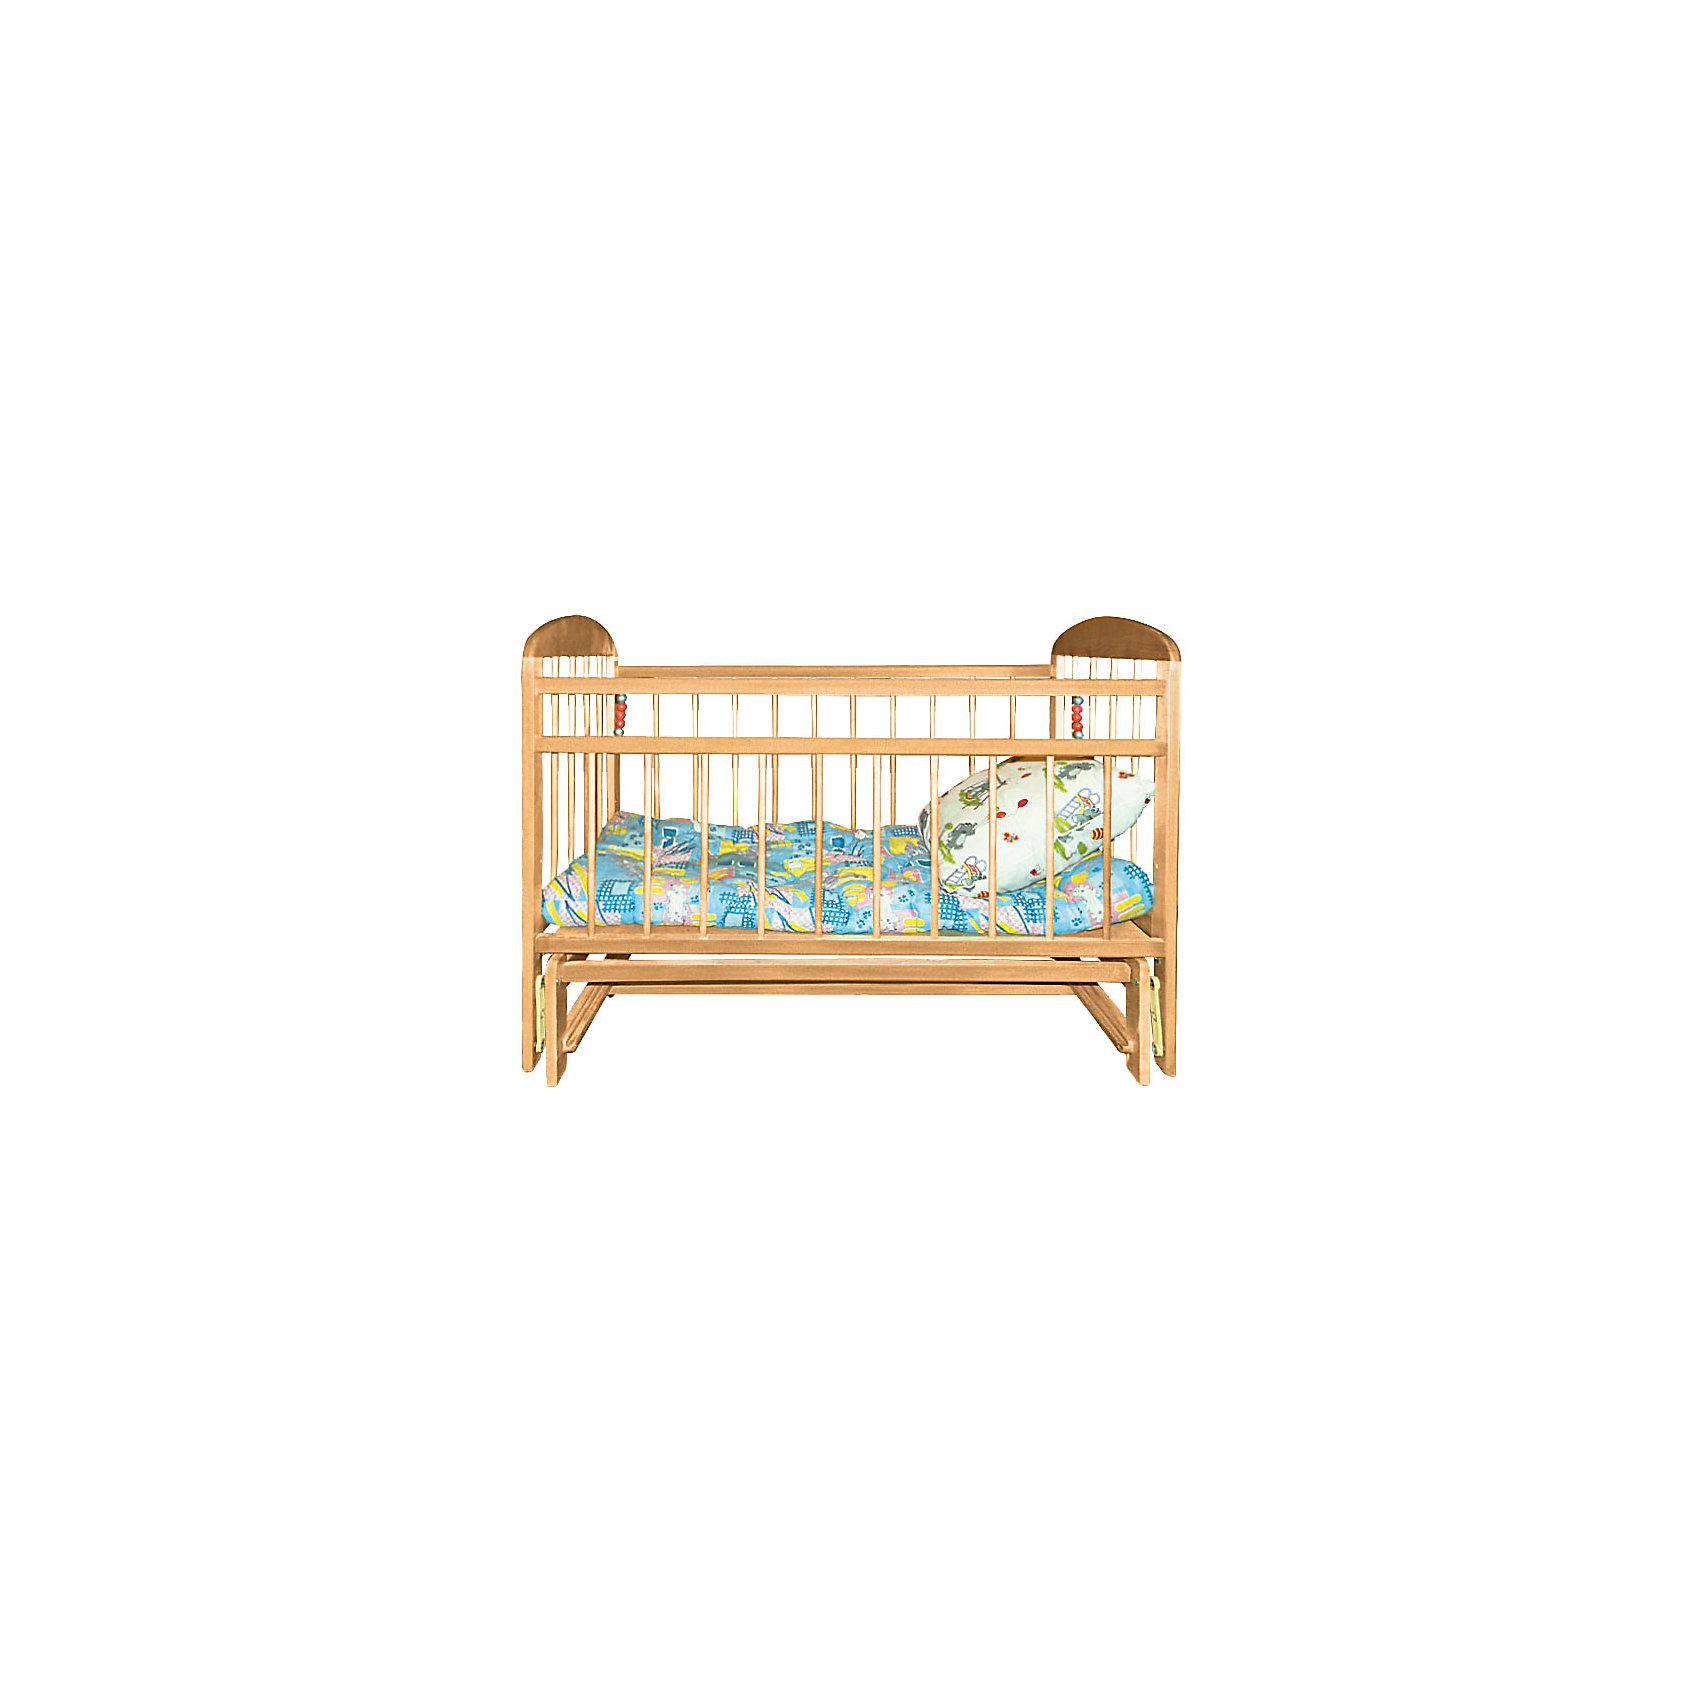 - Кроватка с маятником Мишутка 11, светлая обычная кроватка уренская мебельная фабрика мишутка 13 темная